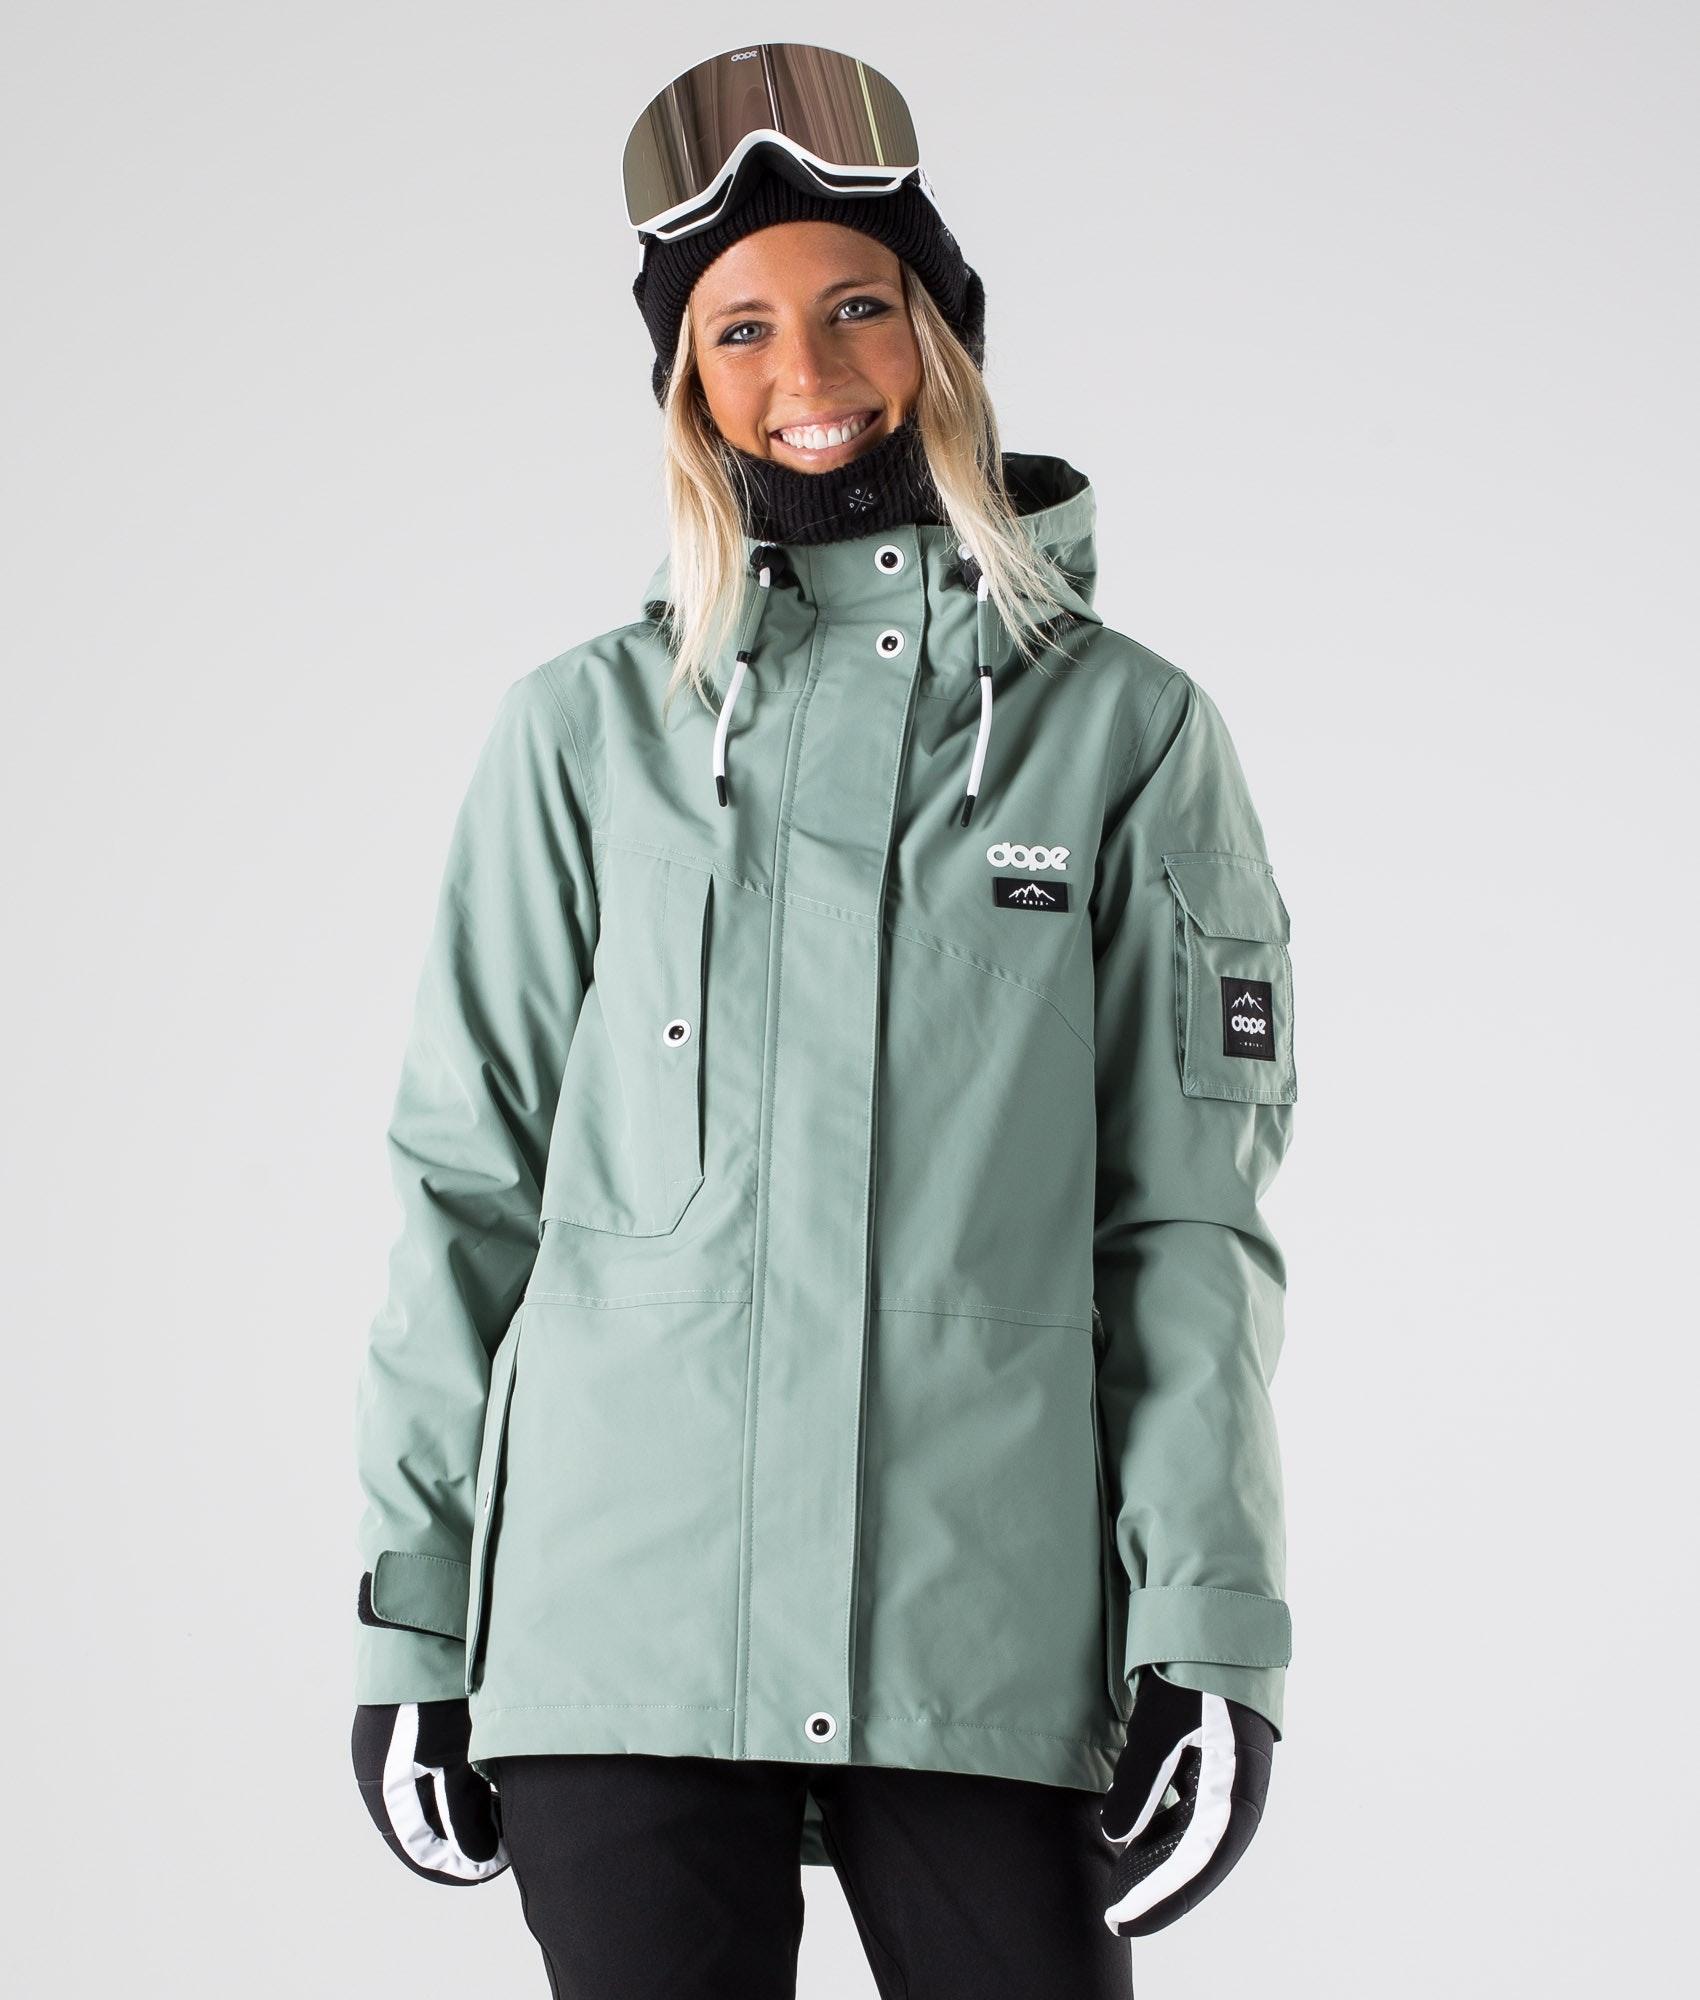 Veste de ski femme c&a